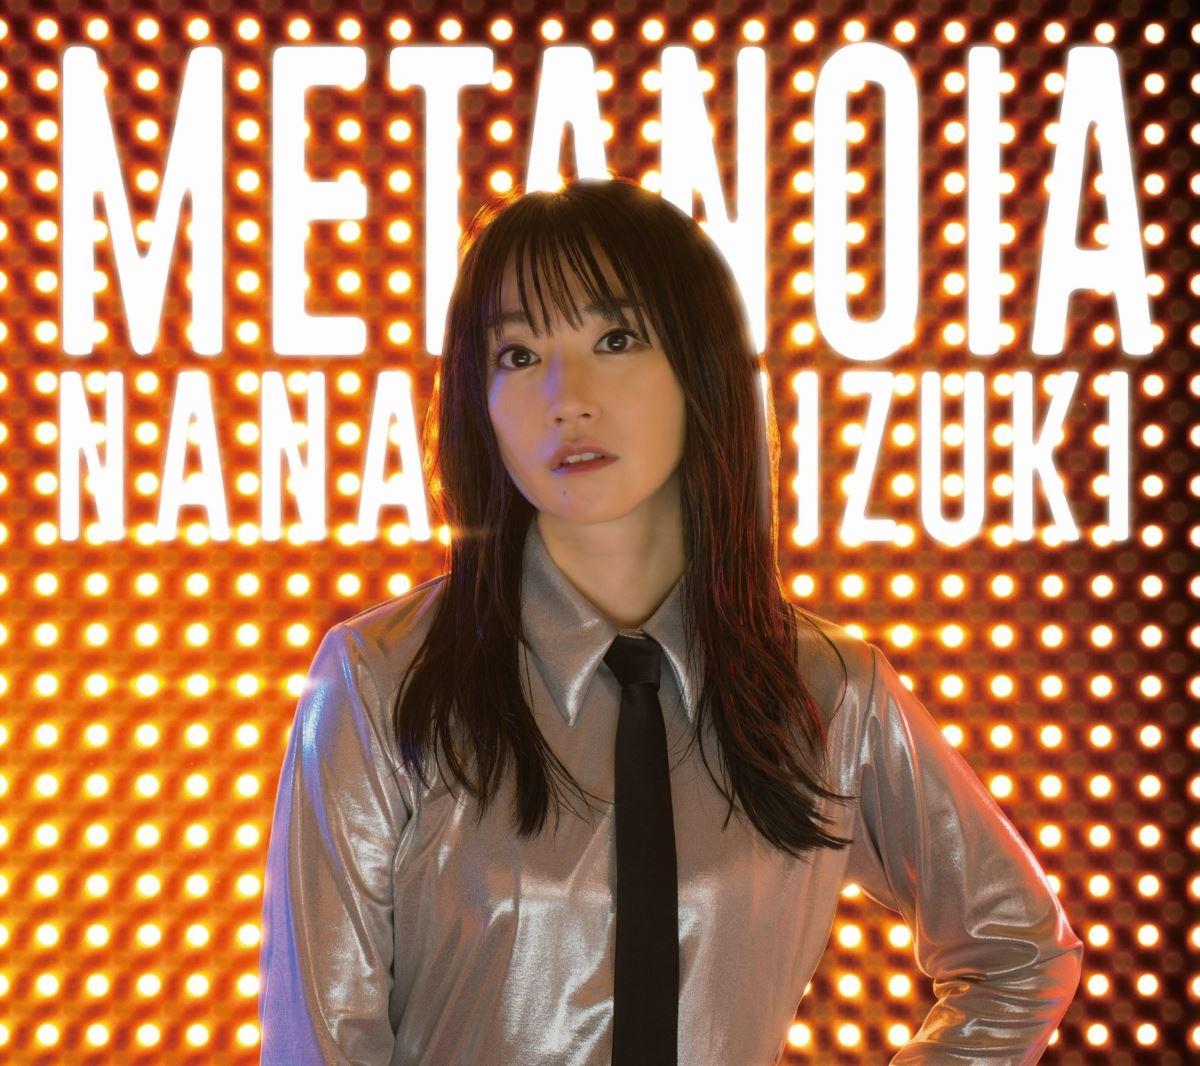 『水樹奈々 - METANOIA』収録の『METANOIA』ジャケット